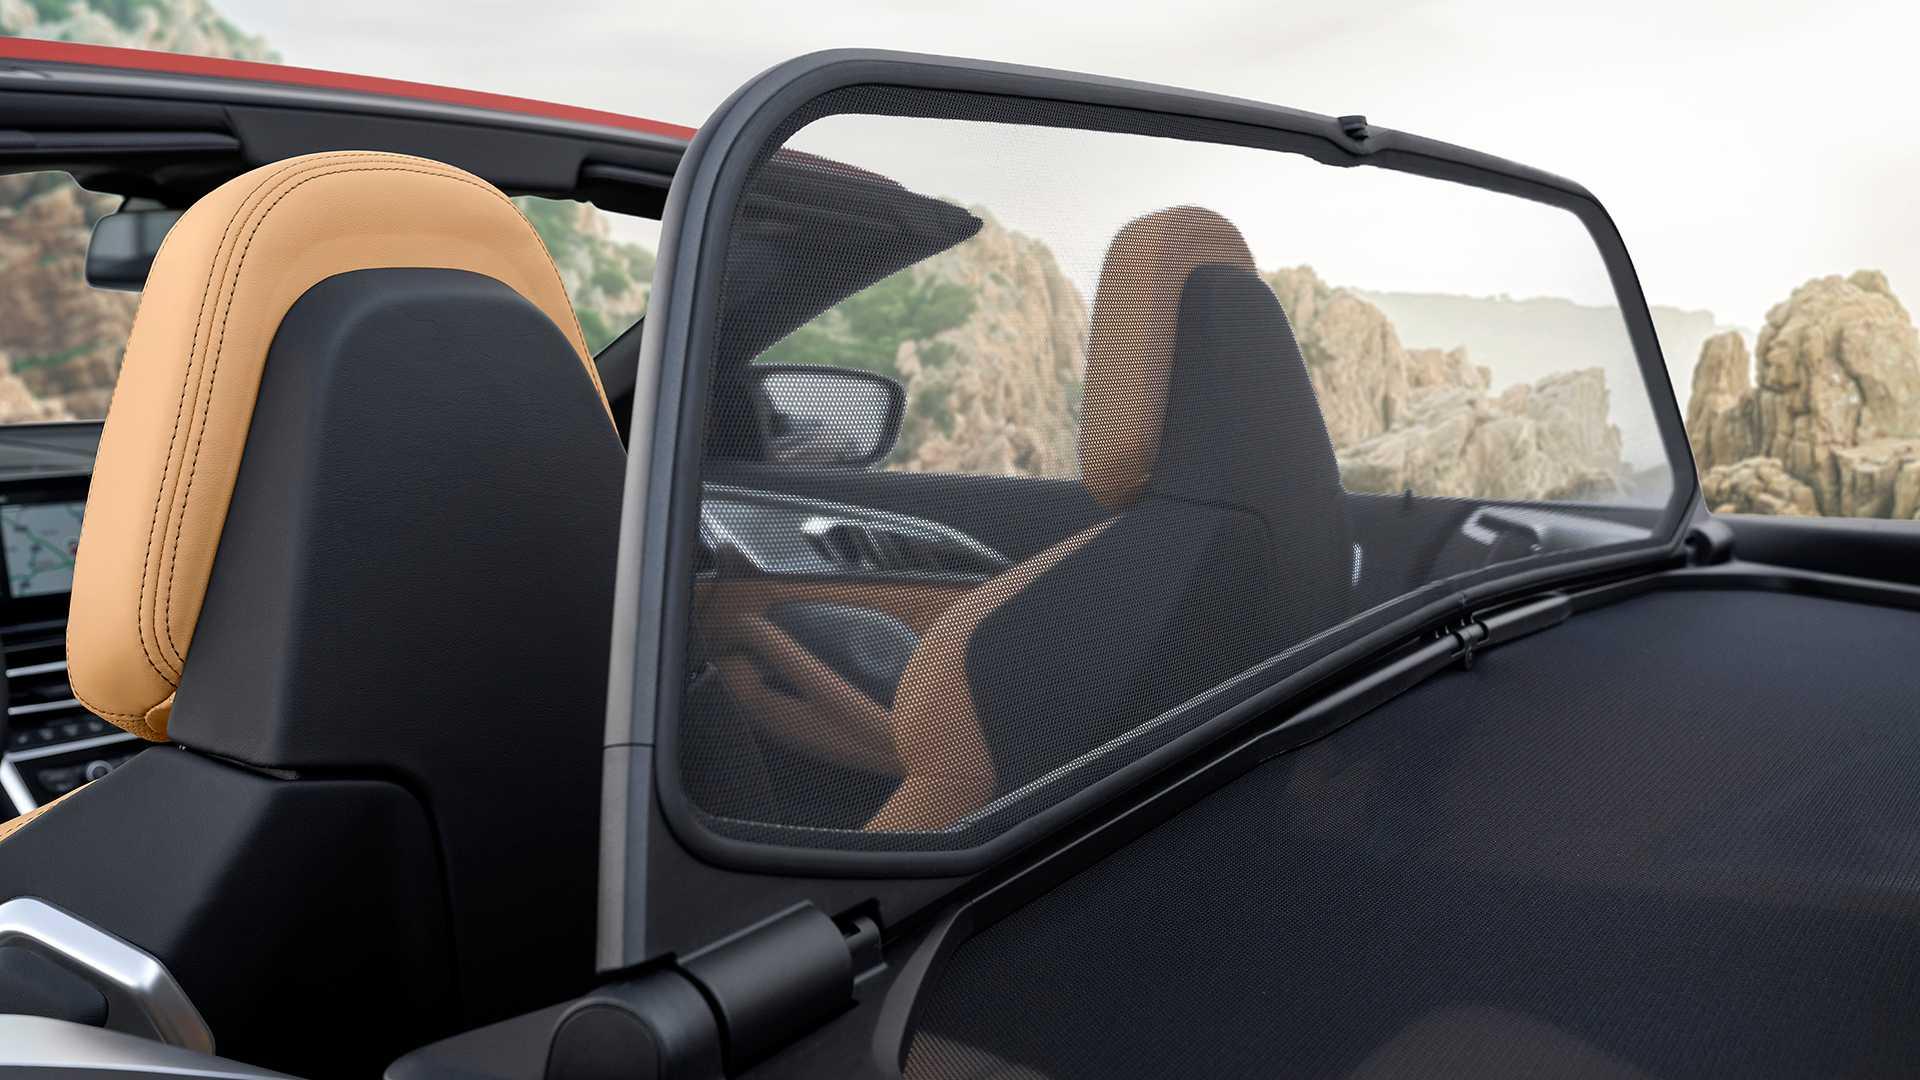 2019-bmw-m8-cabriolet-20